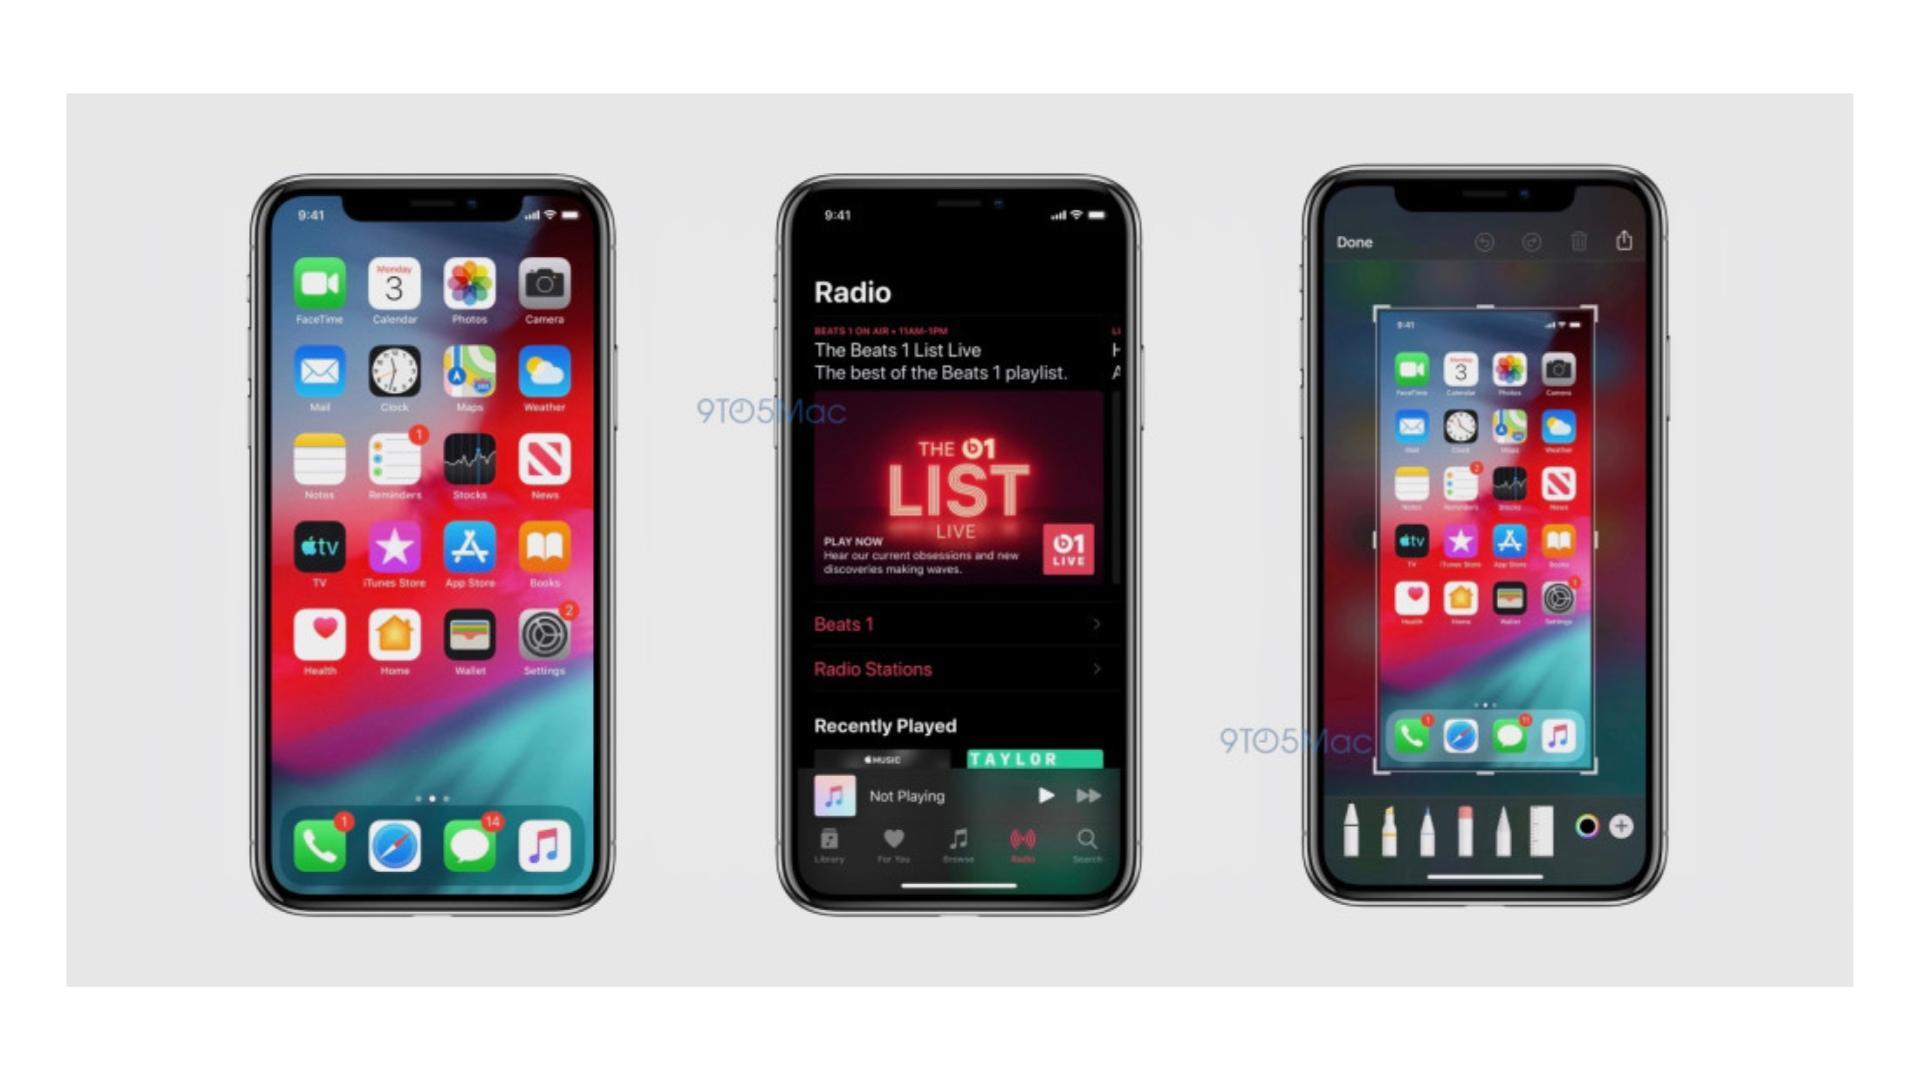 iOS 13 : des captures d'écran révèlent les nouveautés attendues